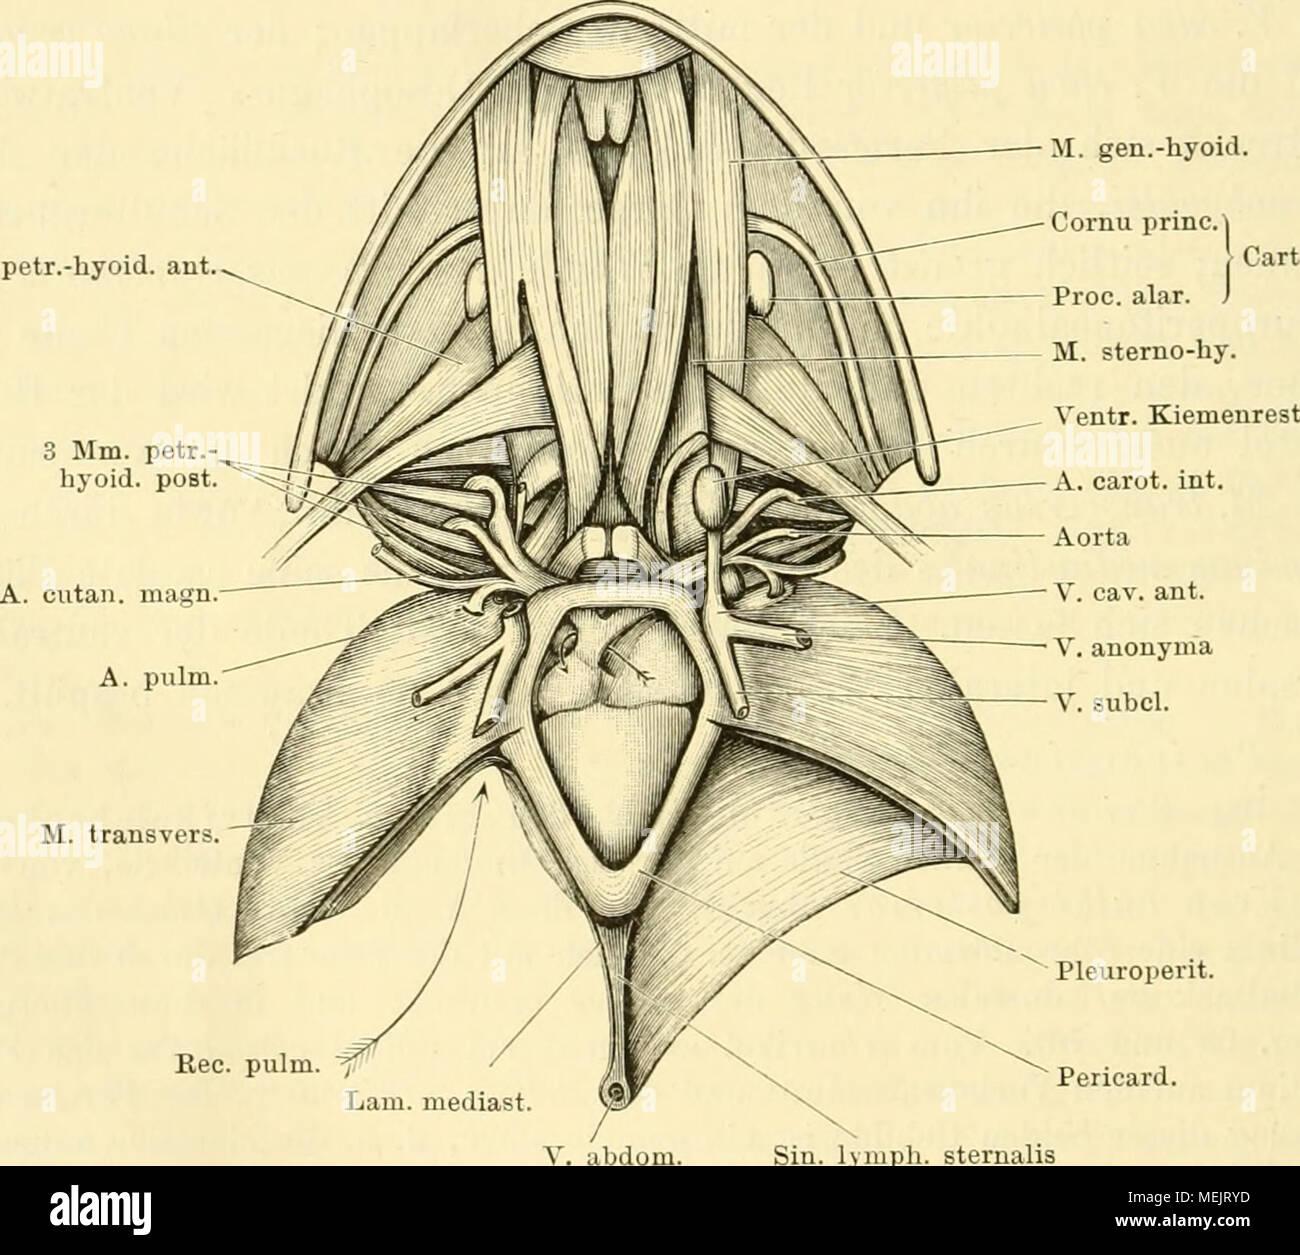 Nett Innere Anatomie Des Regenwurmes Ideen - Menschliche Anatomie ...